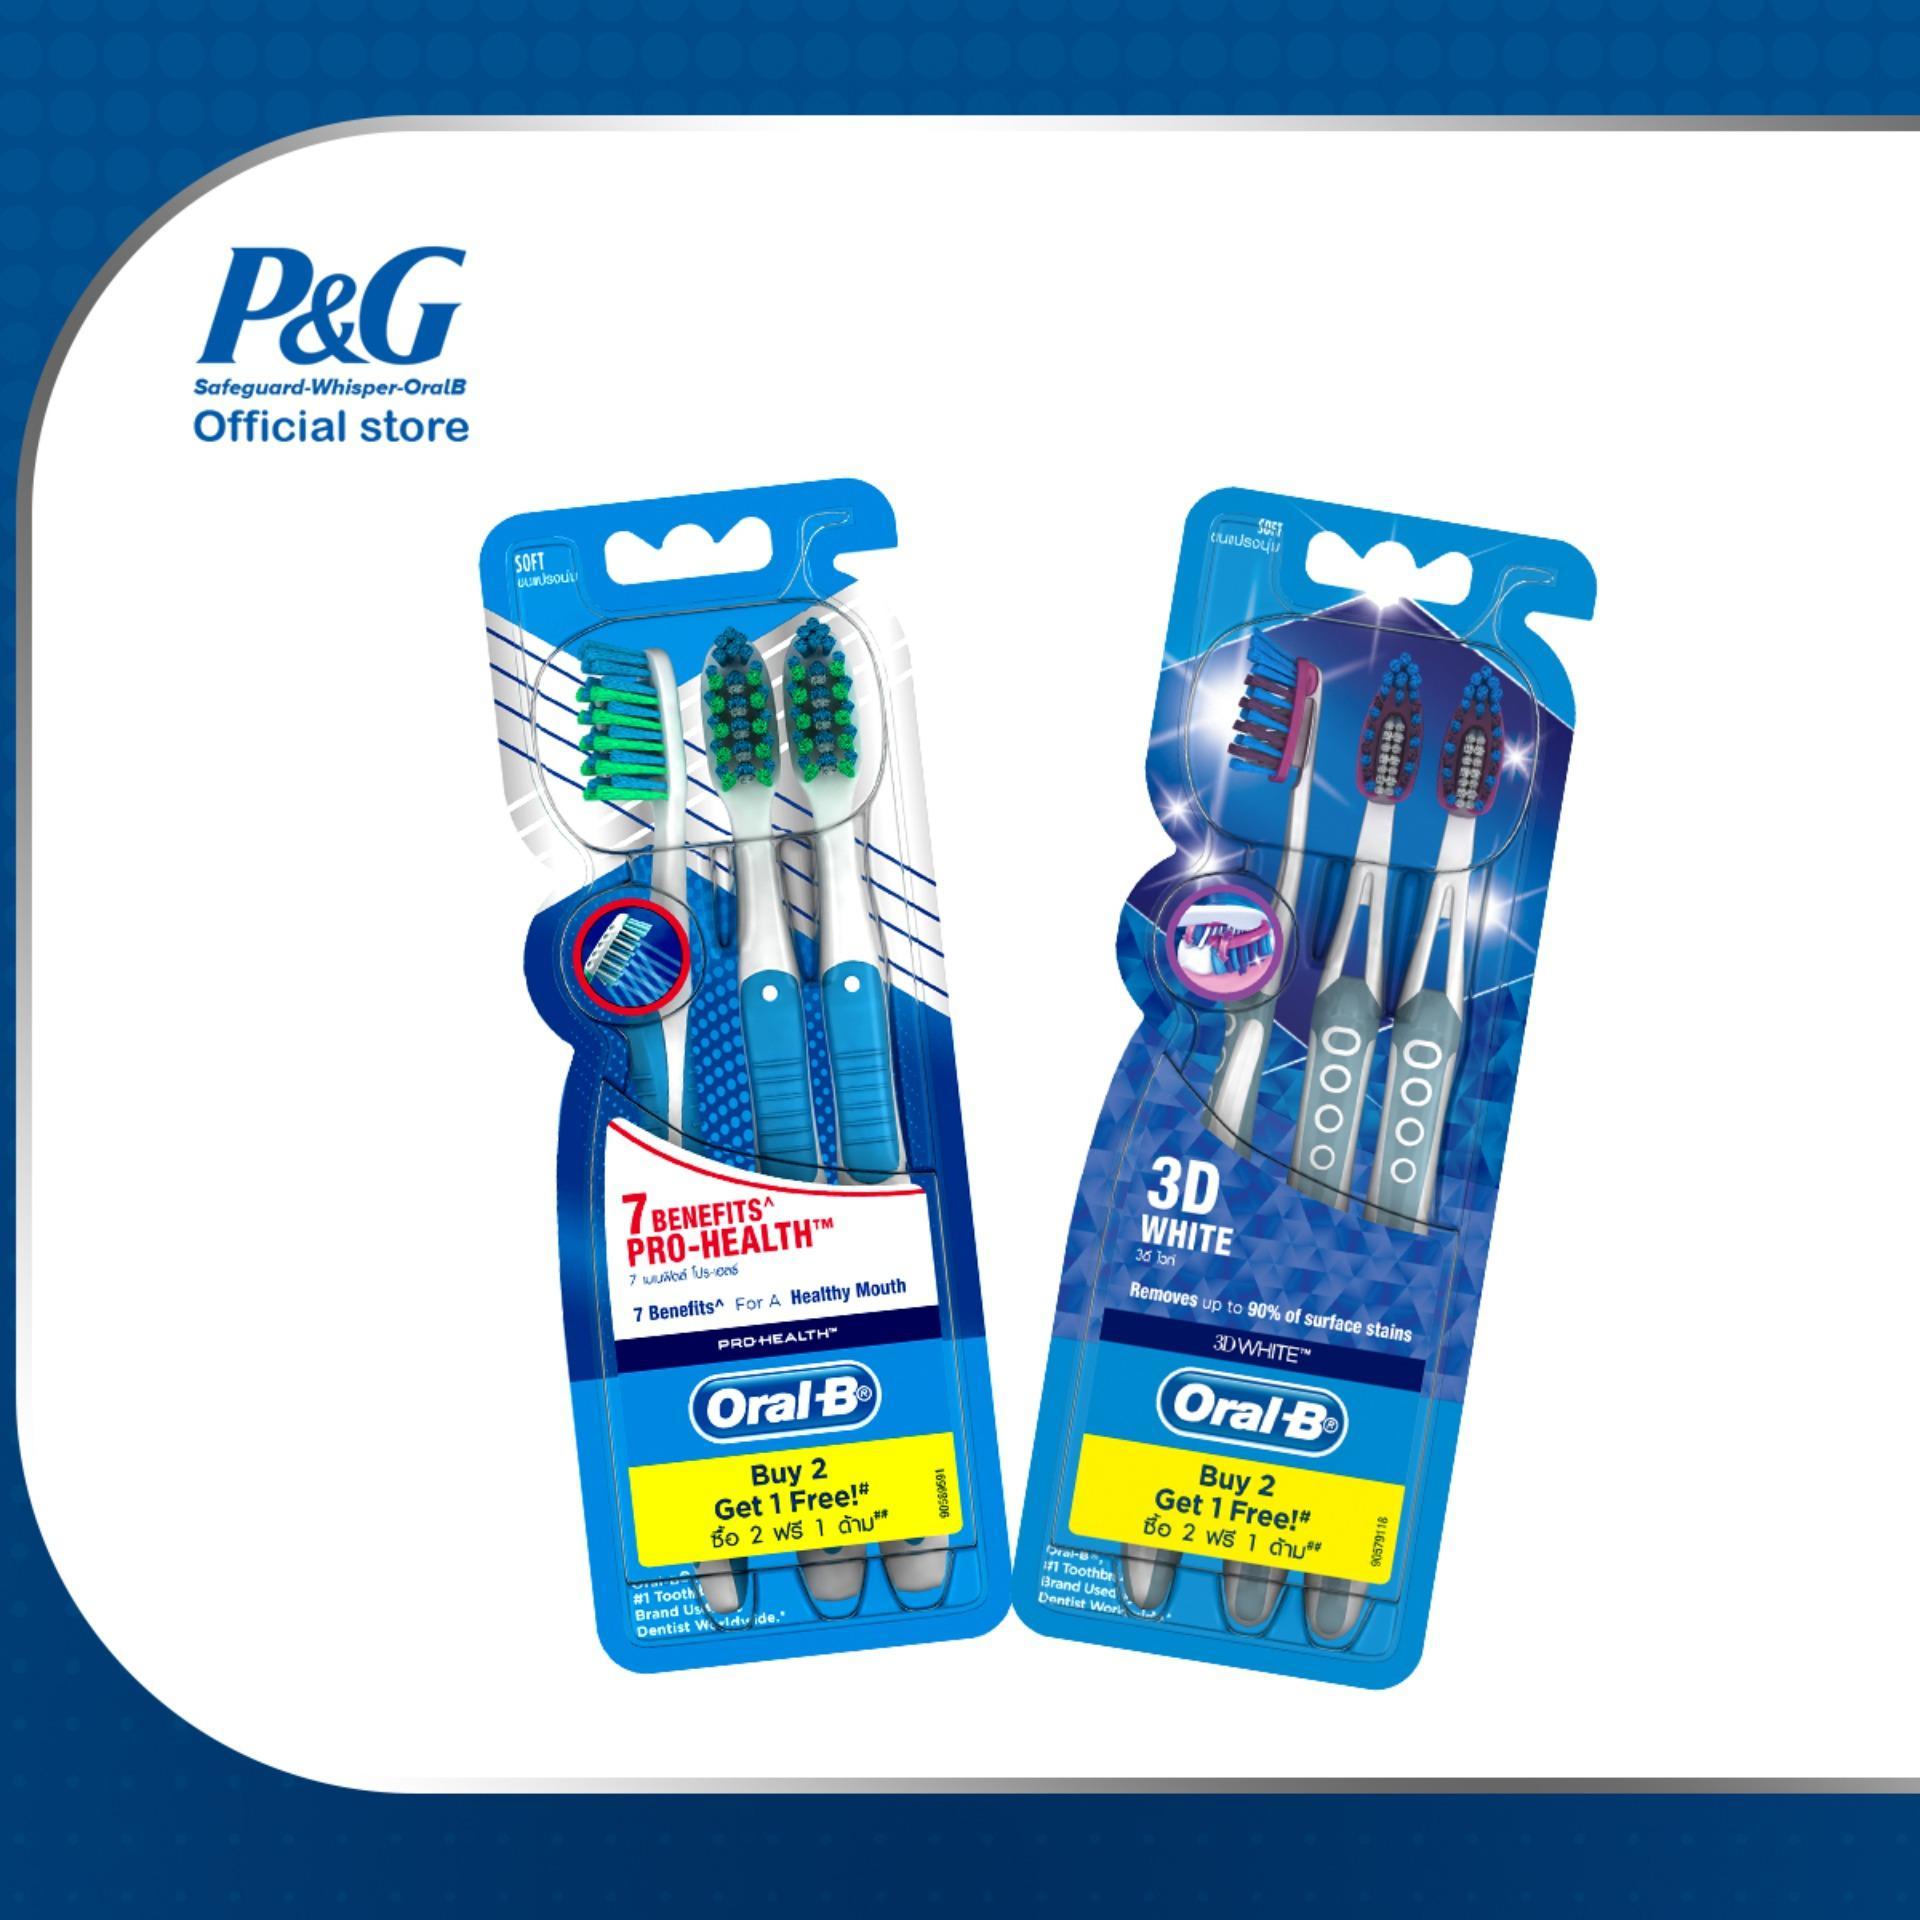 Bộ 6 Bàn Chải đánh Răng Oral-B Bao Gồm: 01 Vỉ 3 Bàn Chải đánh Răng Oral-B 3d White + 01 Vỉ 3 Bàn Chải đánh Răng Oral-B 7 Tác động By Safeguard-Whisper-Oralb.